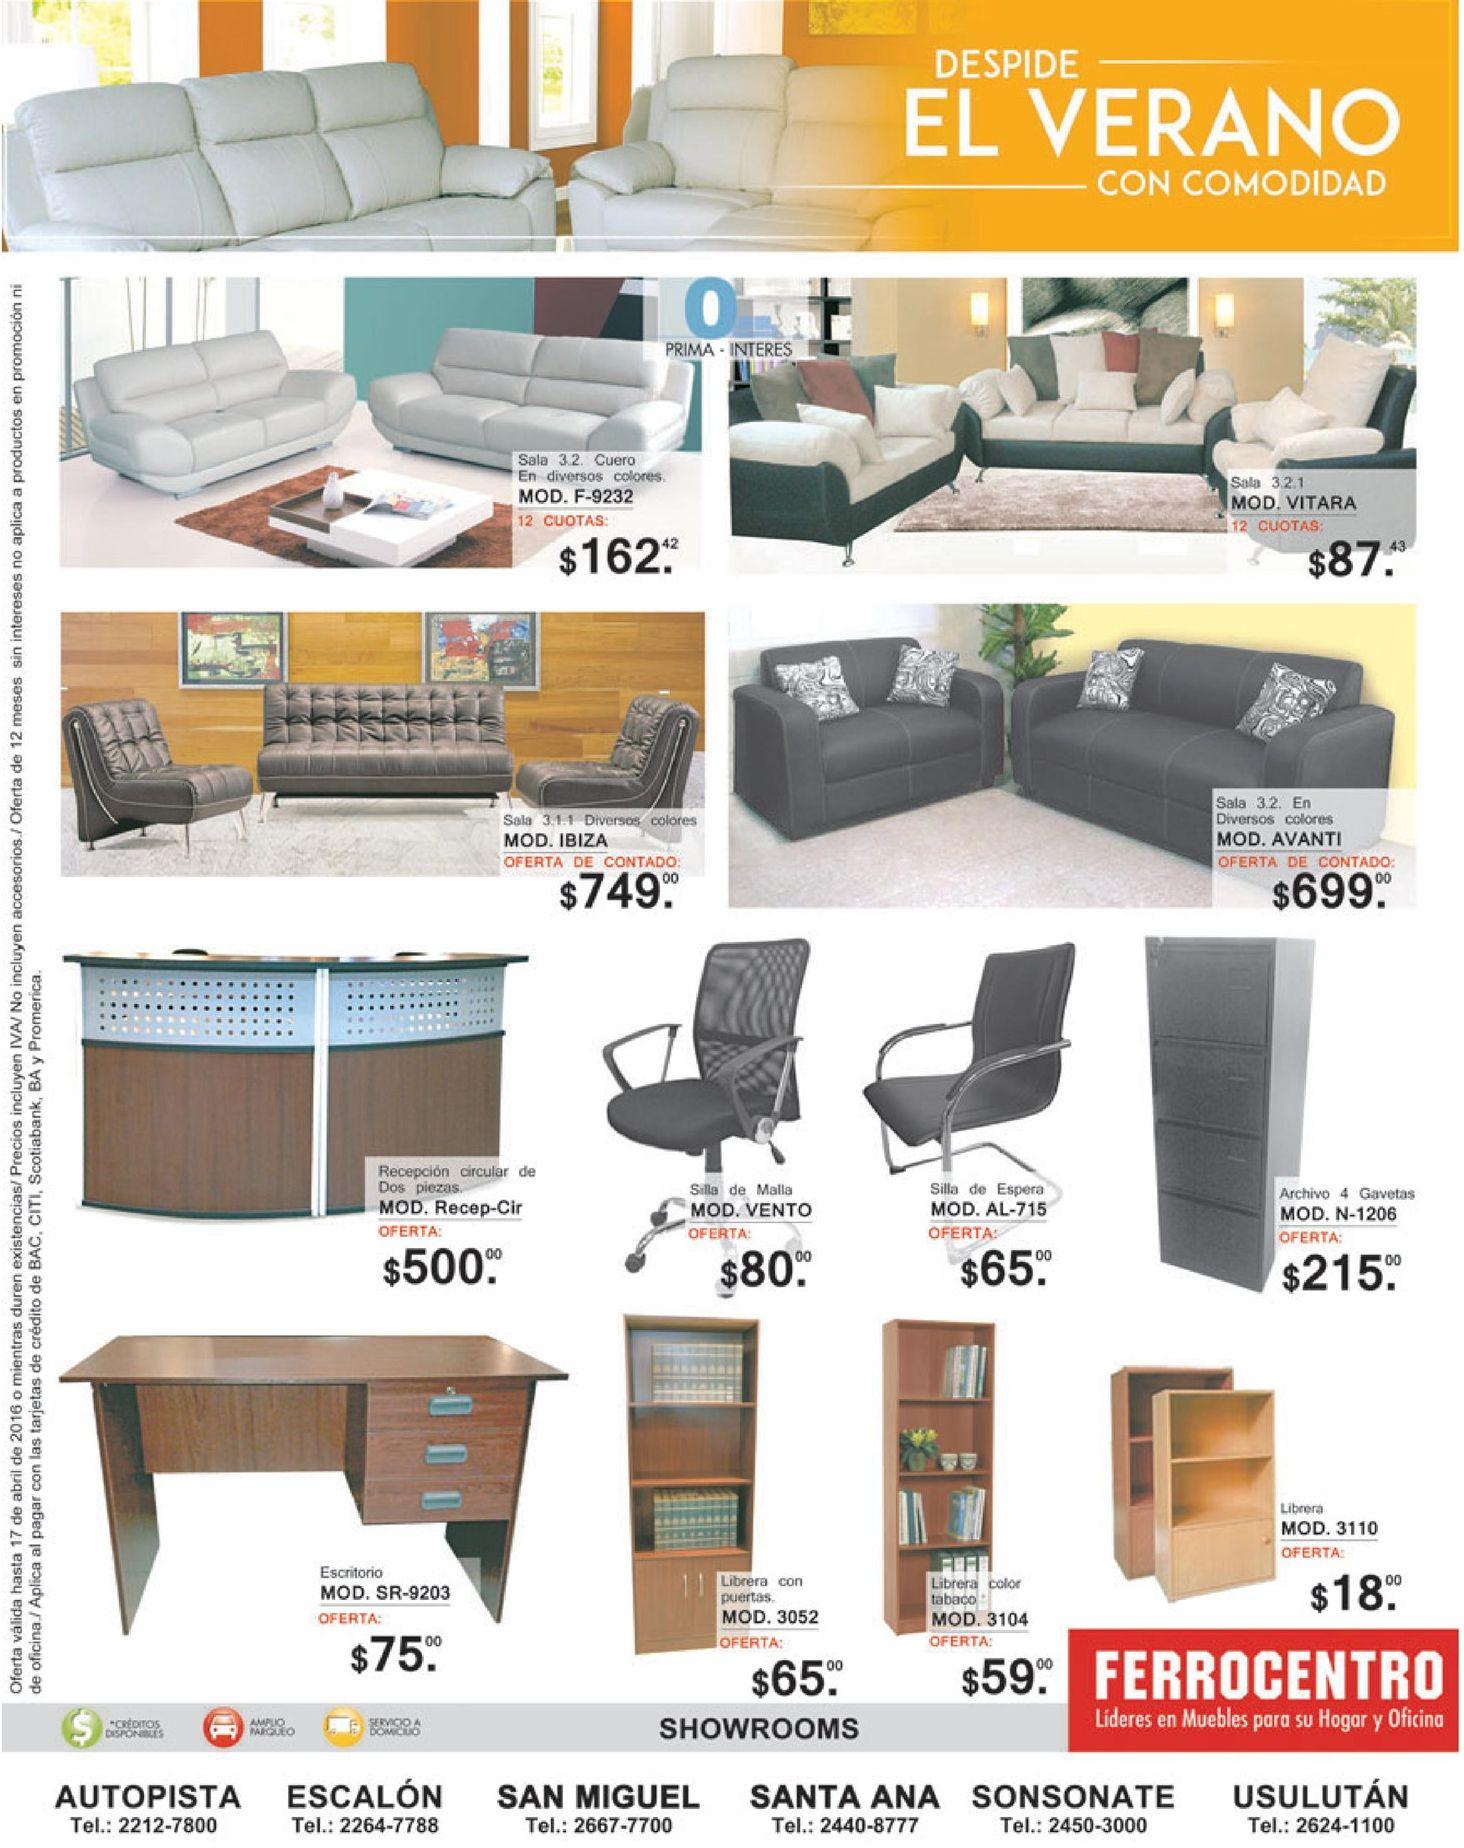 Compra muebles de calidad en el salvador con ferrocentro for Muebles de calidad